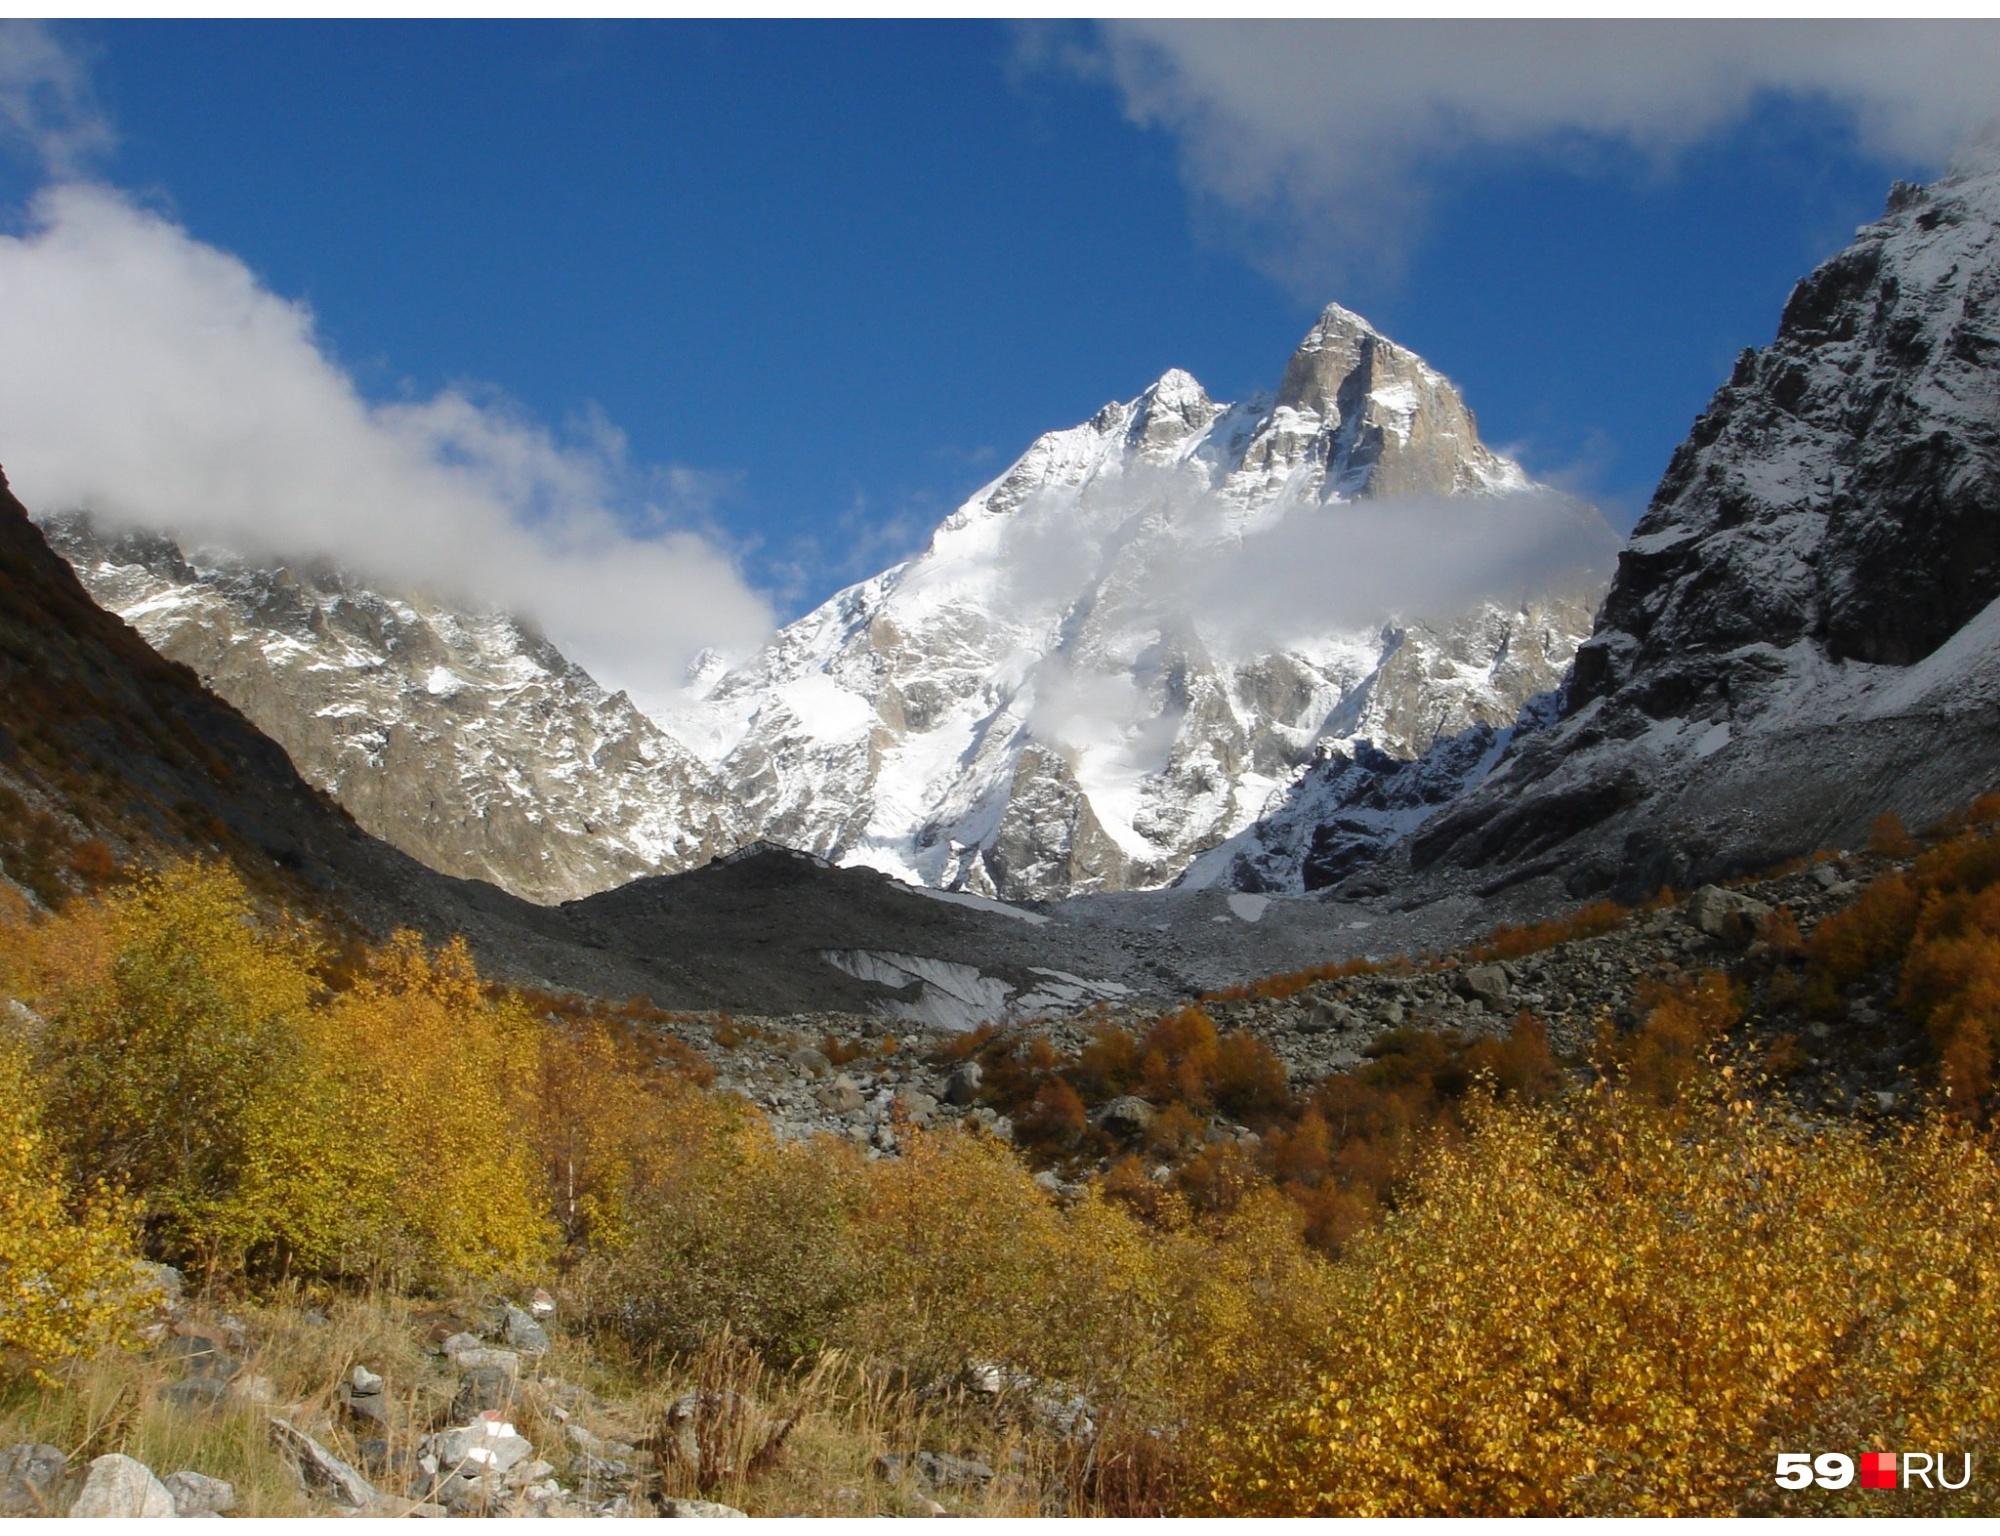 Полюбоваться прекрасными горами в Грузии можно, не тратя силы на оформление визы